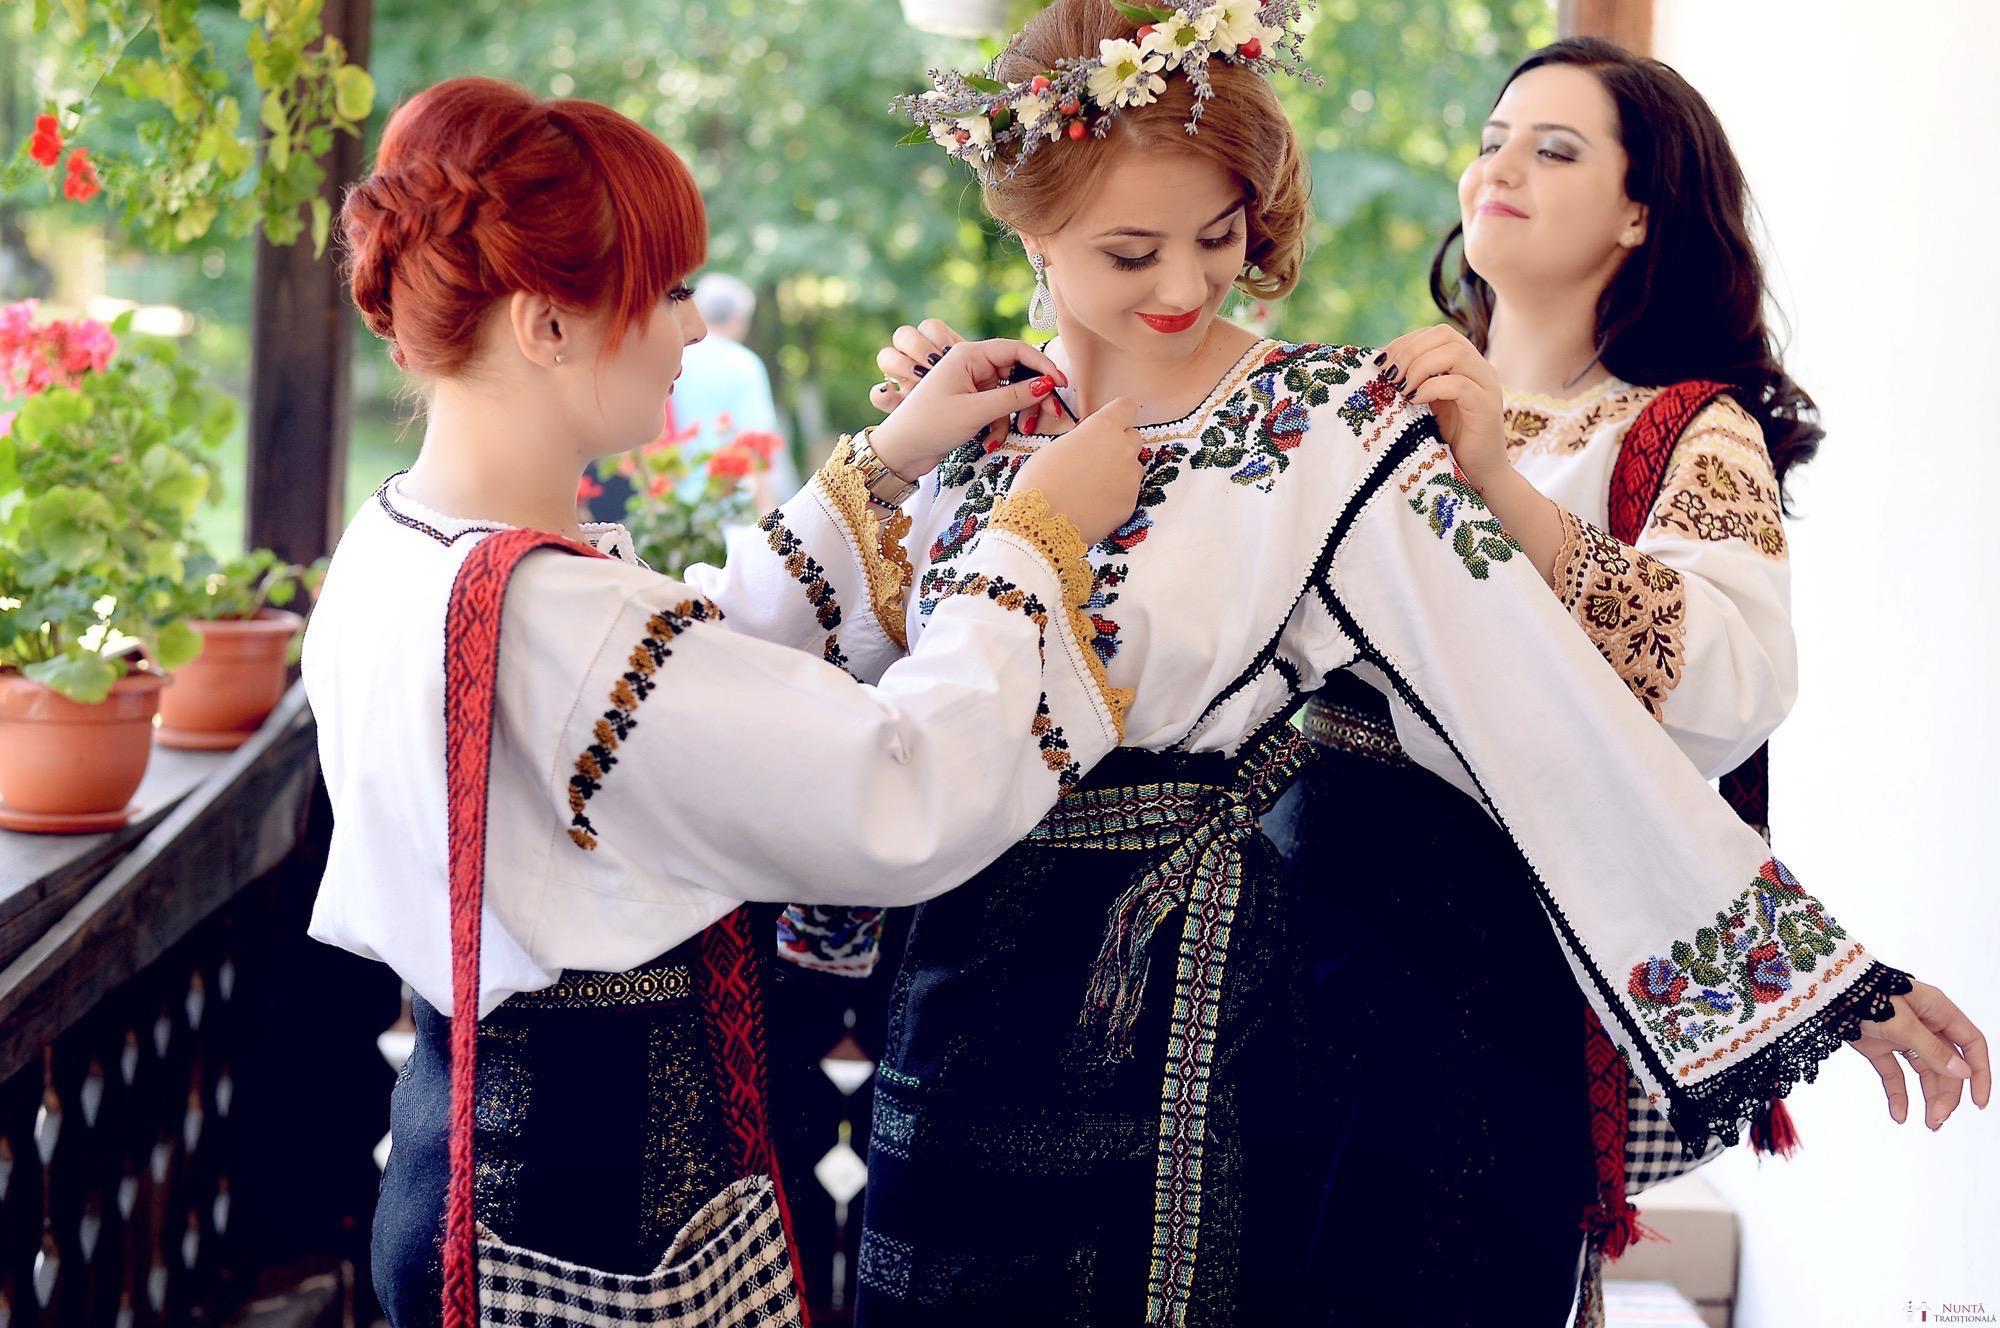 Povești Nunți Tradiționale - Iulia și Andrei. Nuntă tradițională în Bucovina. 3